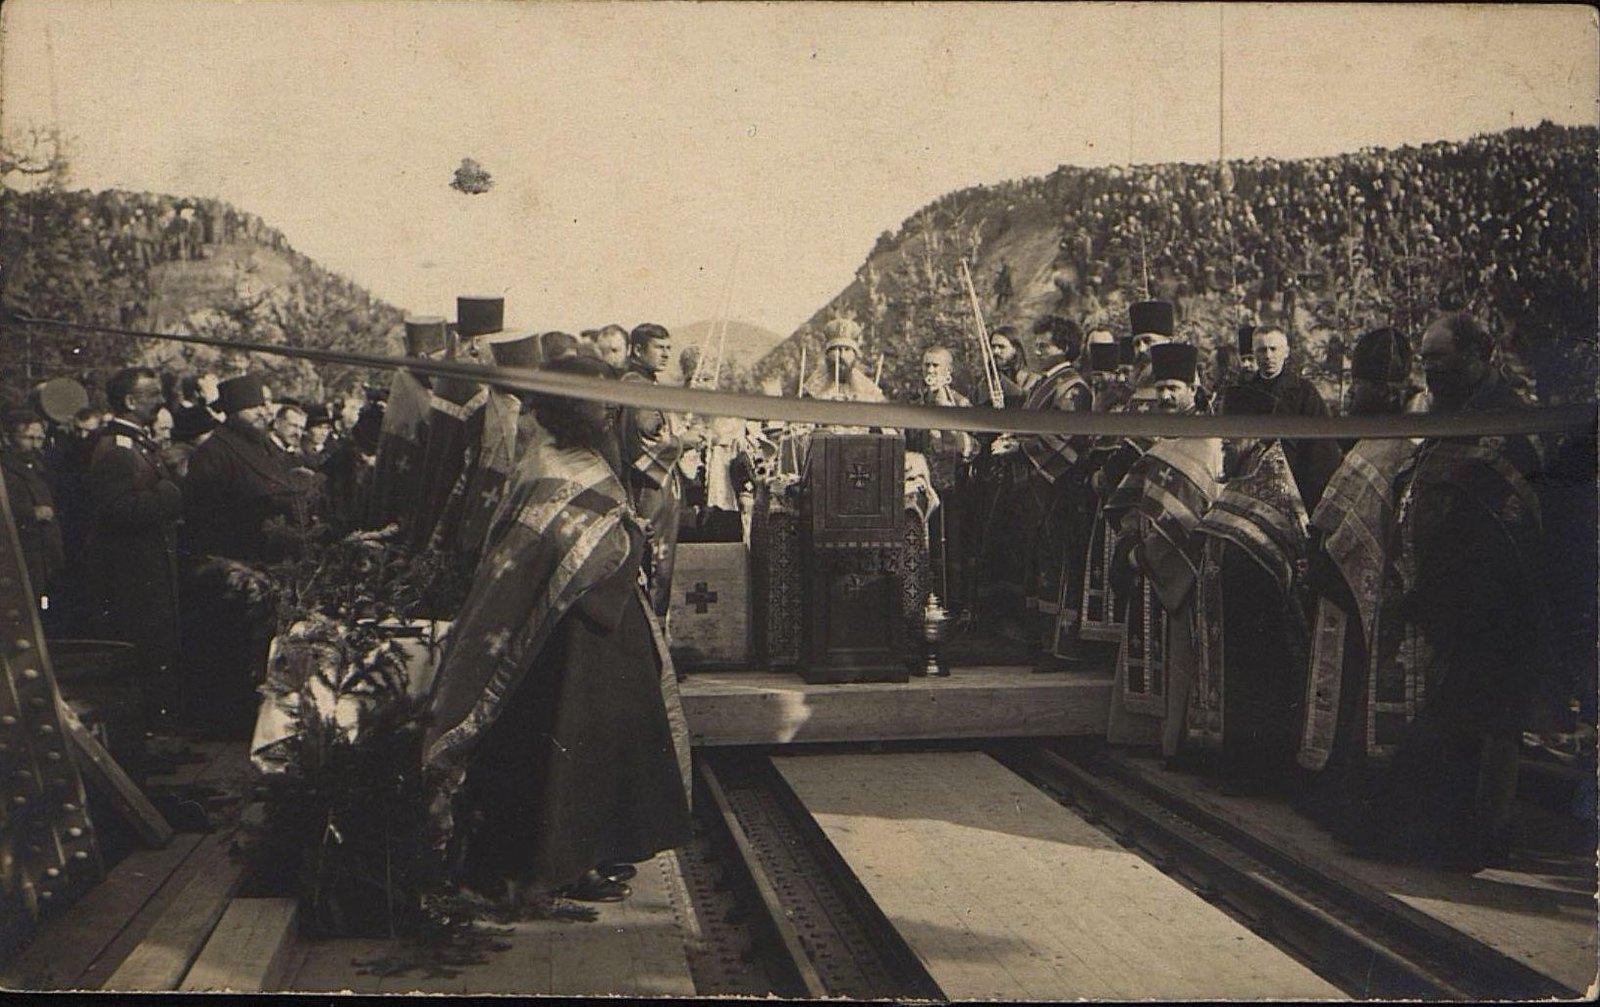 08. 1916. Открытие железнодорожного моста через реку Амур.Октябрь